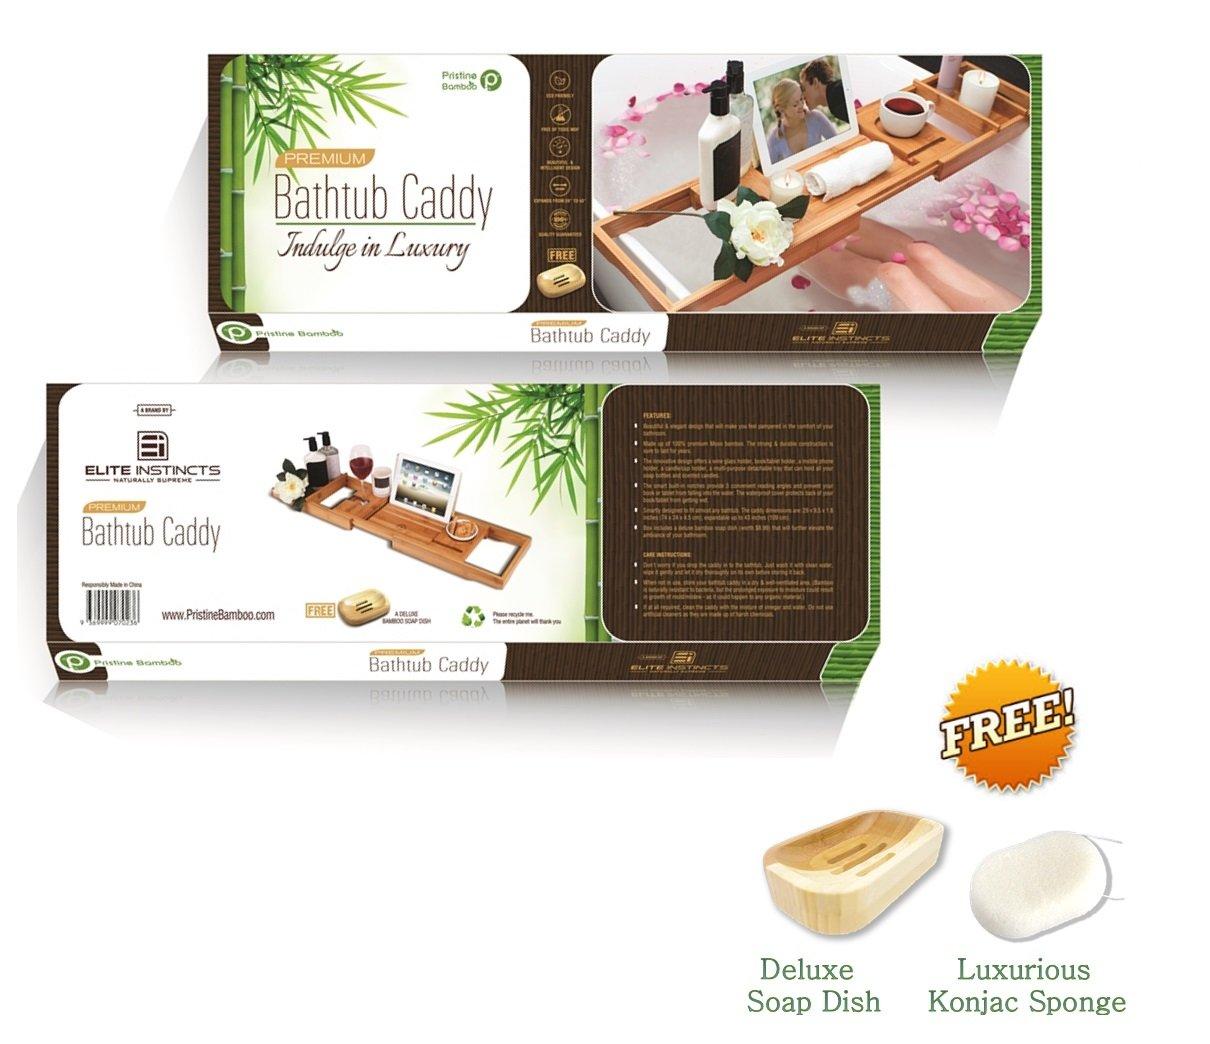 Bathtub Tray Amazoncom Pristine Bamboo Luxury Bathtub Caddy Tray With 12 In 1